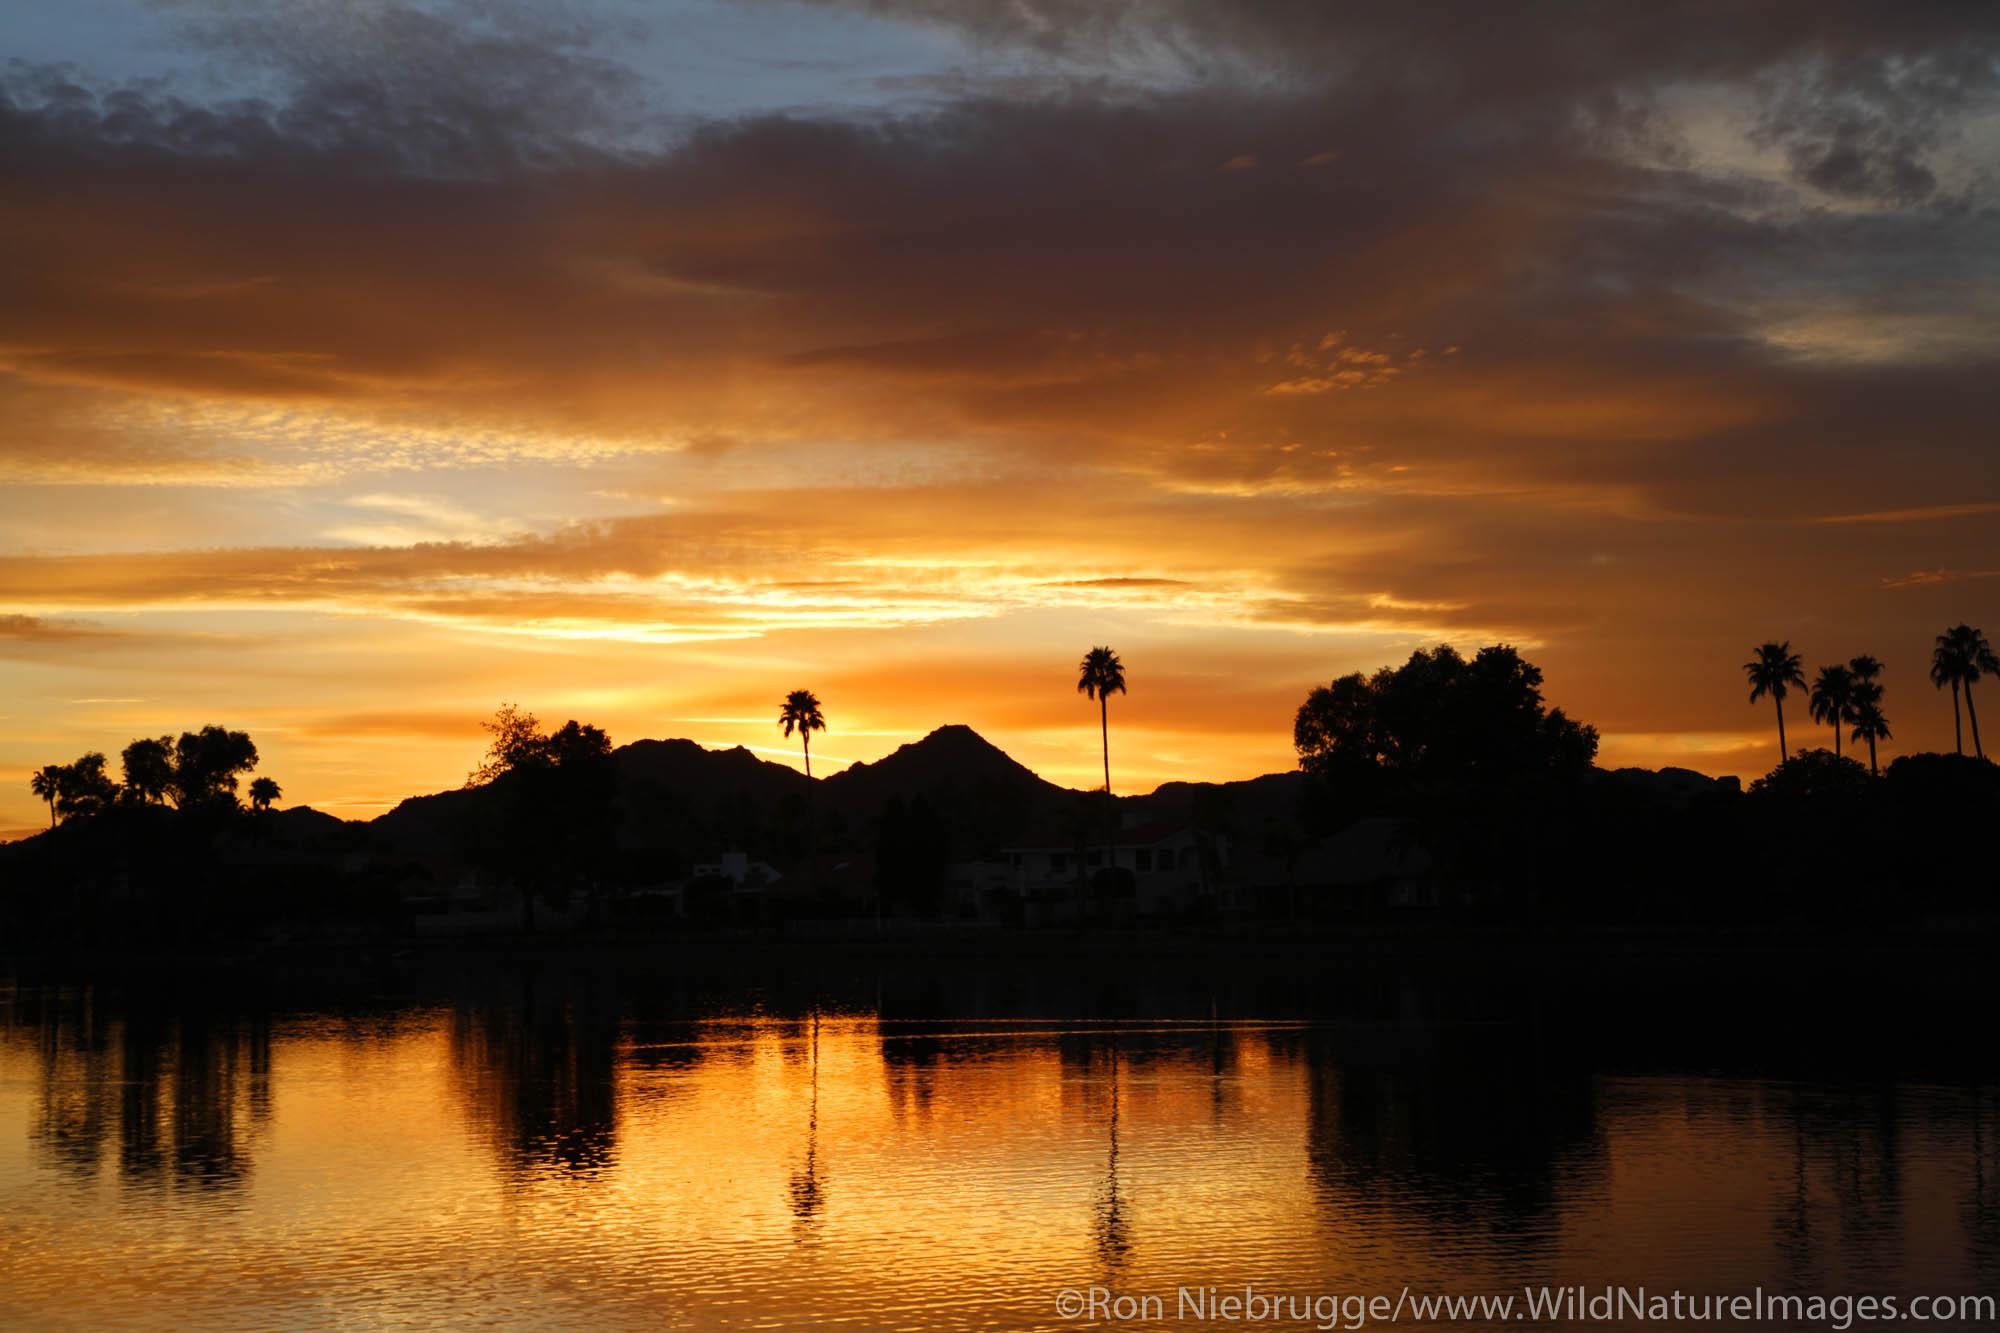 Marguerite Lake at sunset in Scottsdale, Arizona.